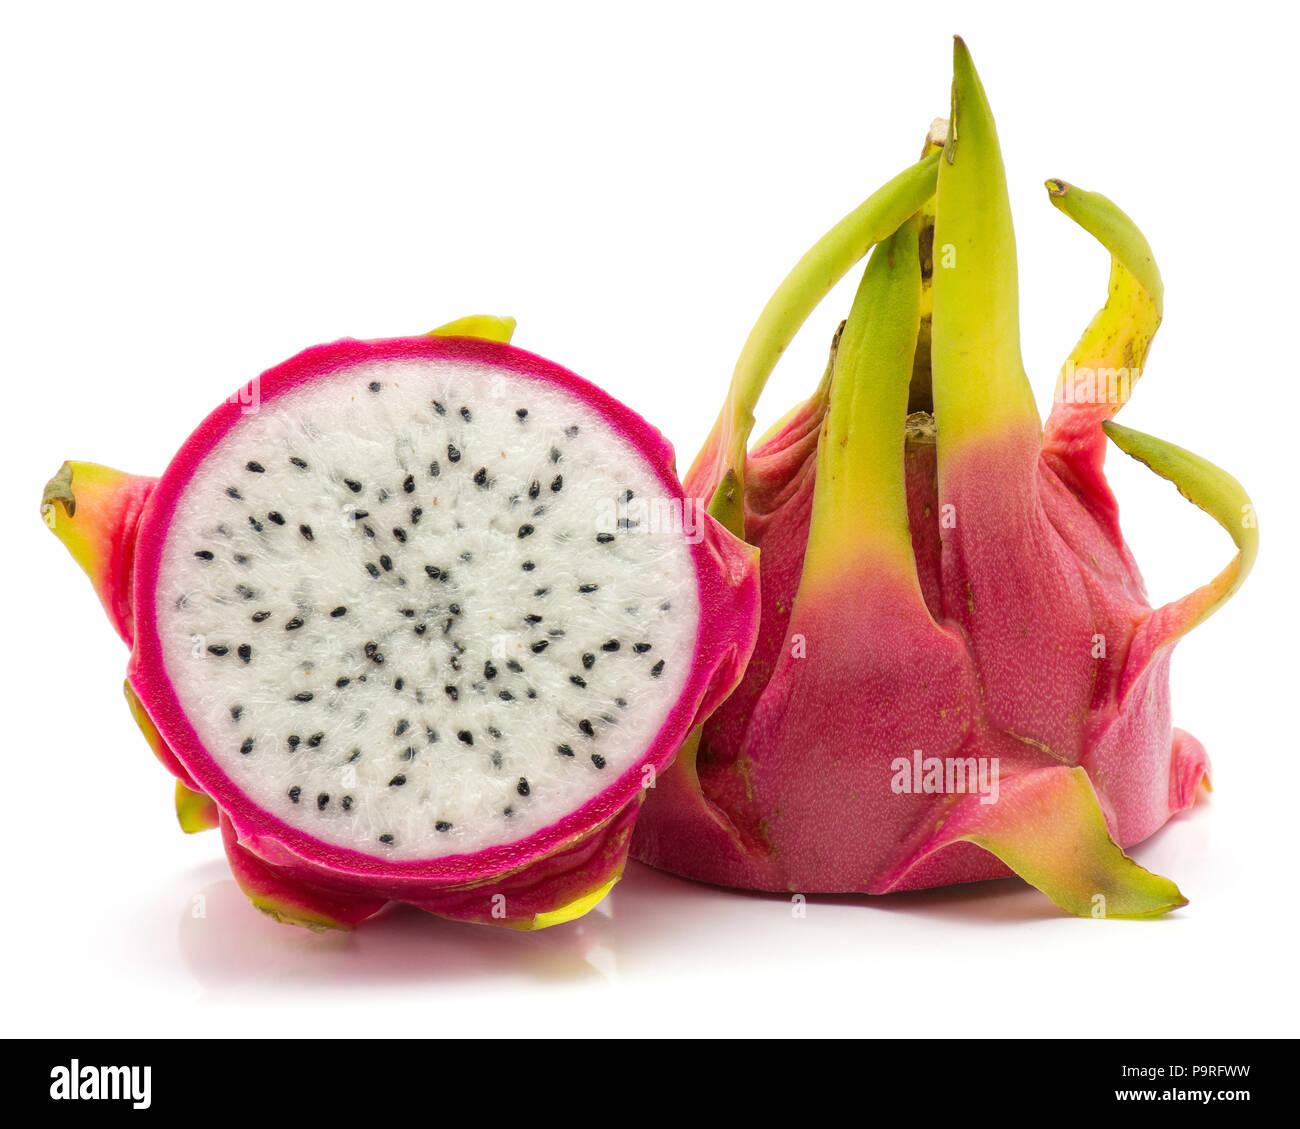 Sliced dragon fruit (Pitaya, Pitahaya) isolated on white background two halves - Stock Image